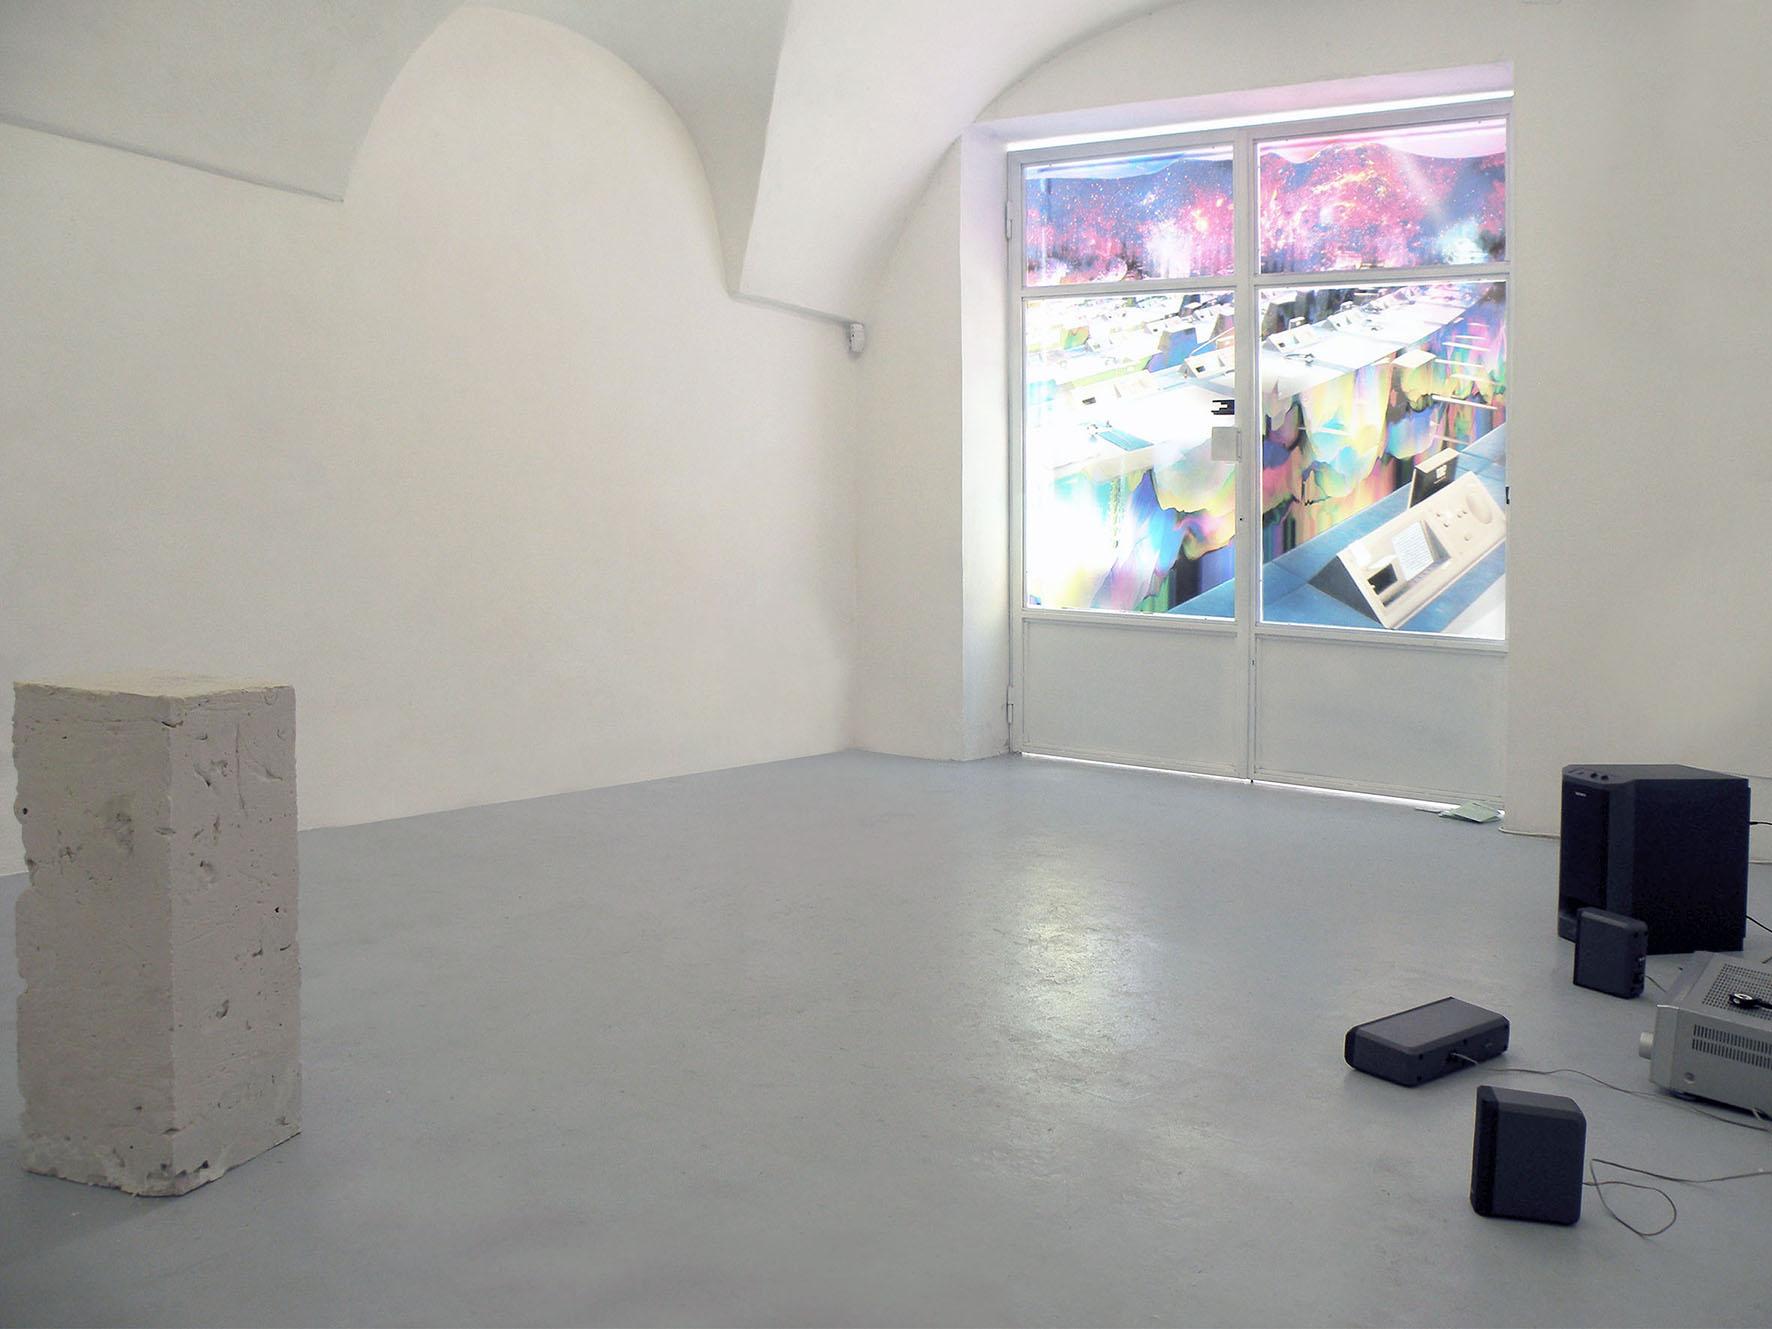 m Alessandro Vizzini e Enrico Boccioletti, Installation     view at Wilson Project Space, 2015